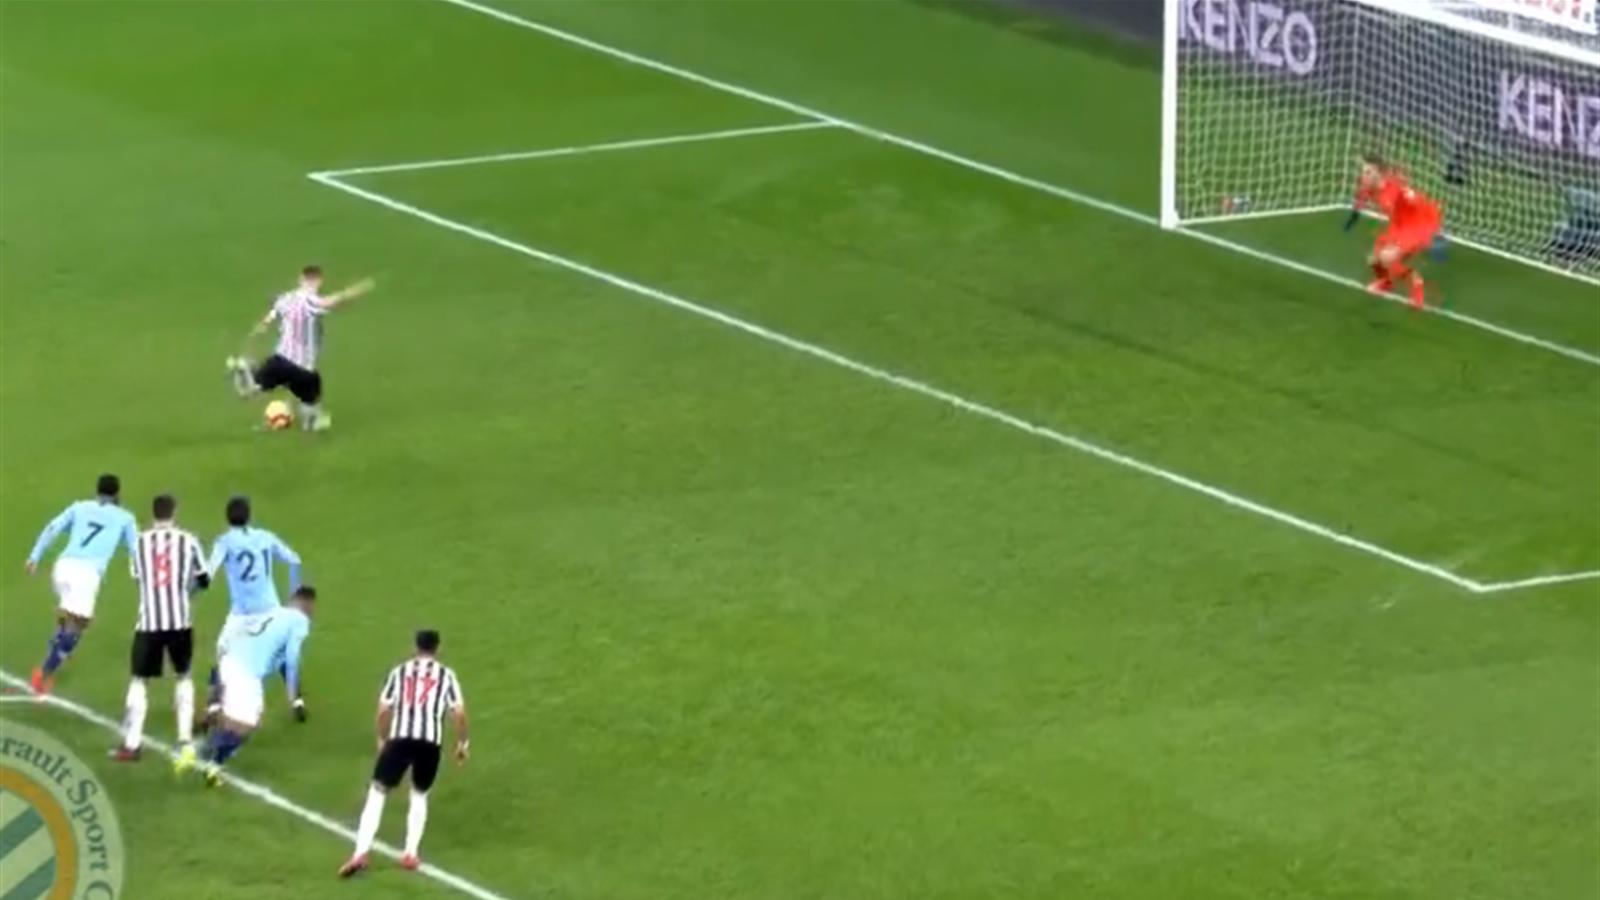 Серхио Агуэро-скорострел и 2-мяча доказательства того, что Бенитес тайно топит за «Ливерпуль»